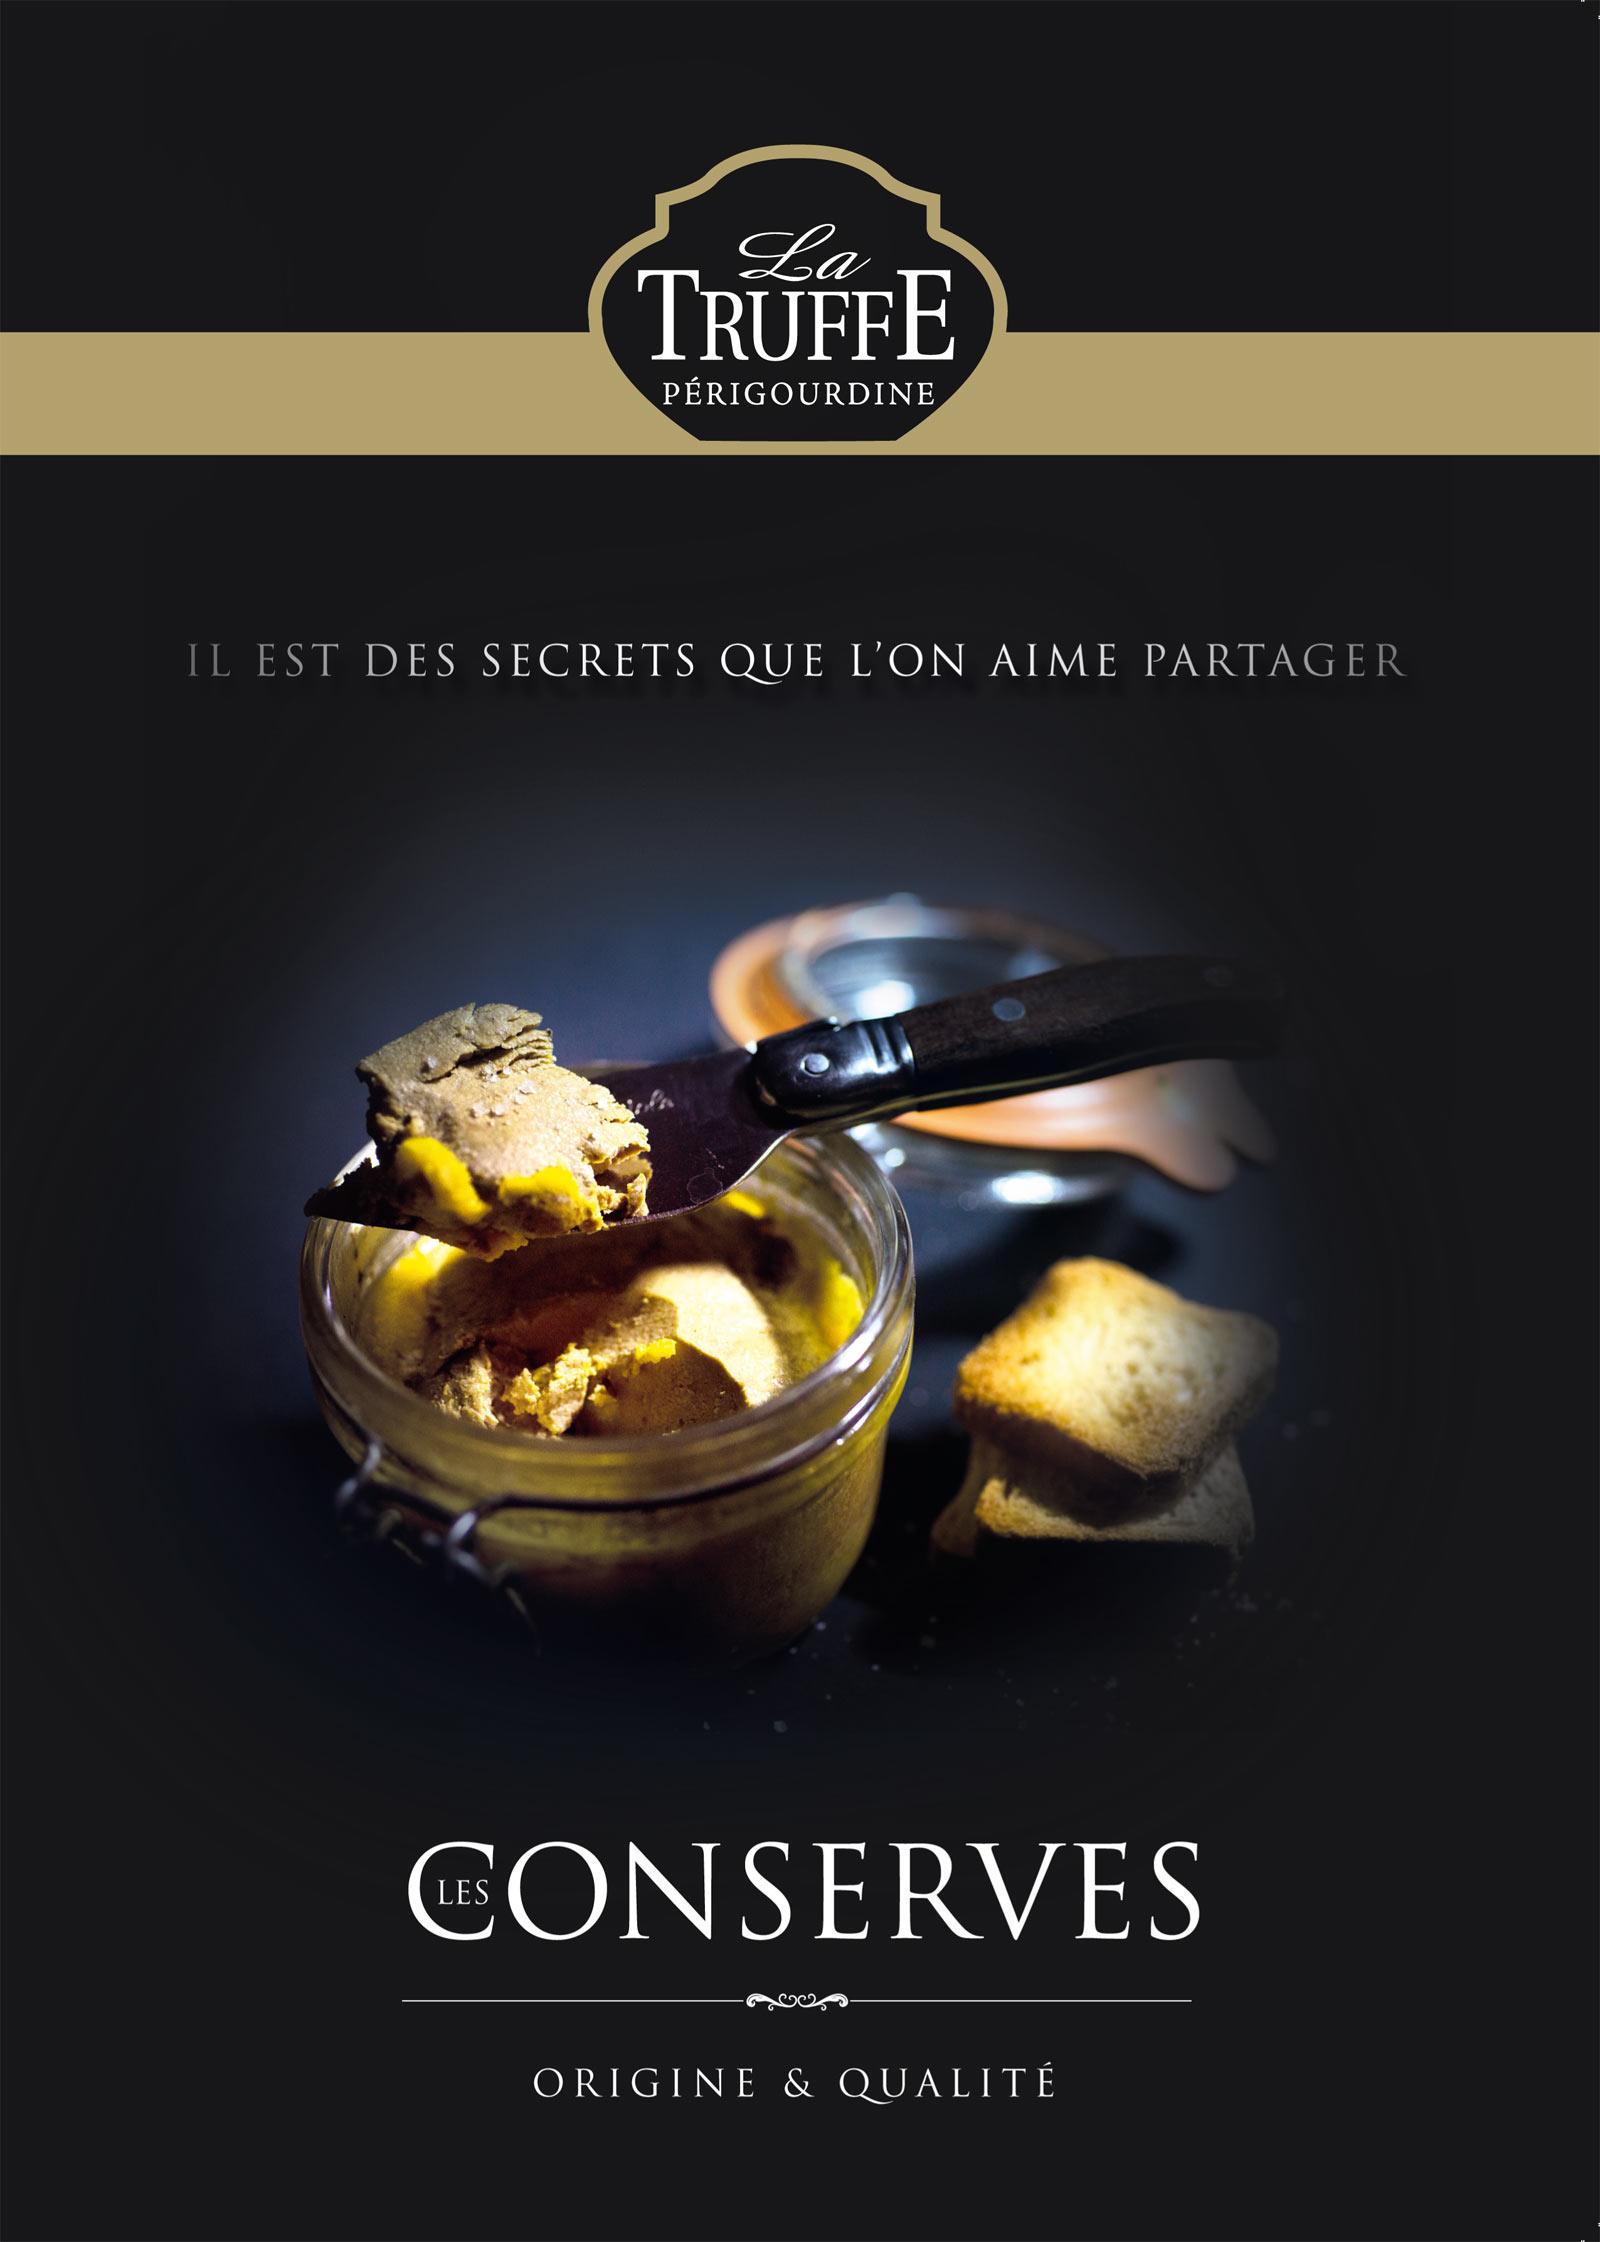 Réalisation Comevents - La Truffe Périgourdine - Plaquette Conserves - Une de couverture